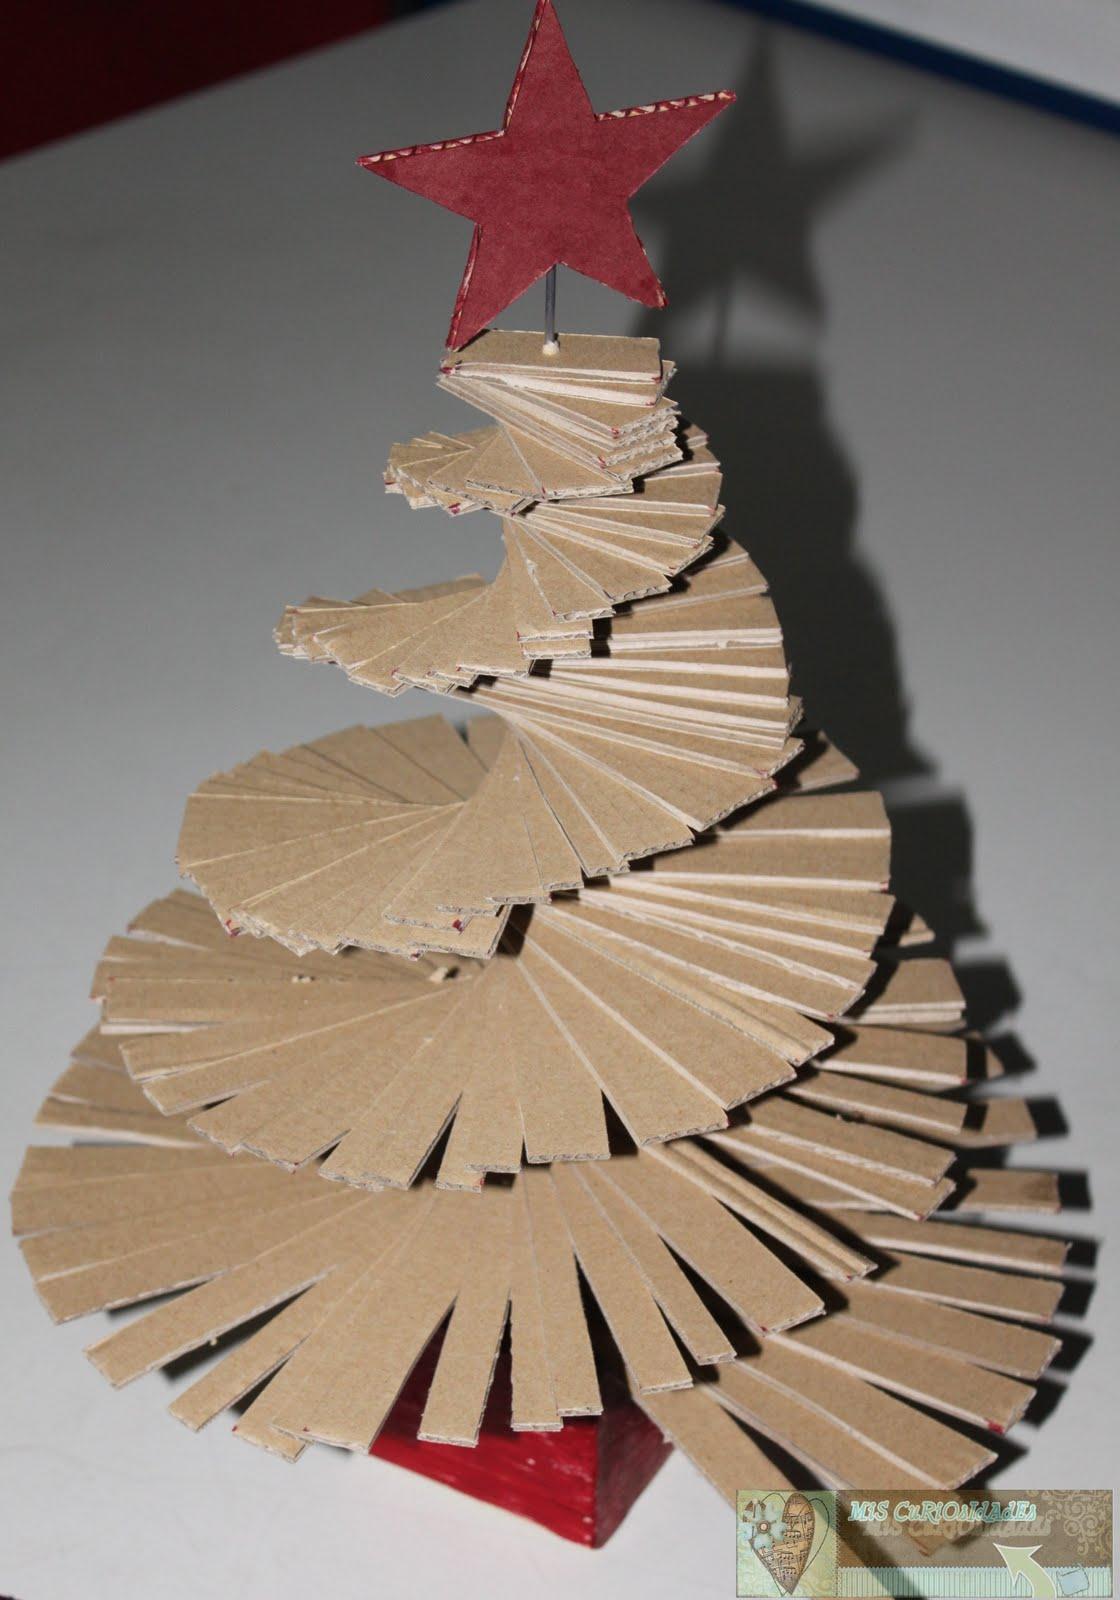 Mis curiosidades - Como hacer un arbol de navidad de carton ...